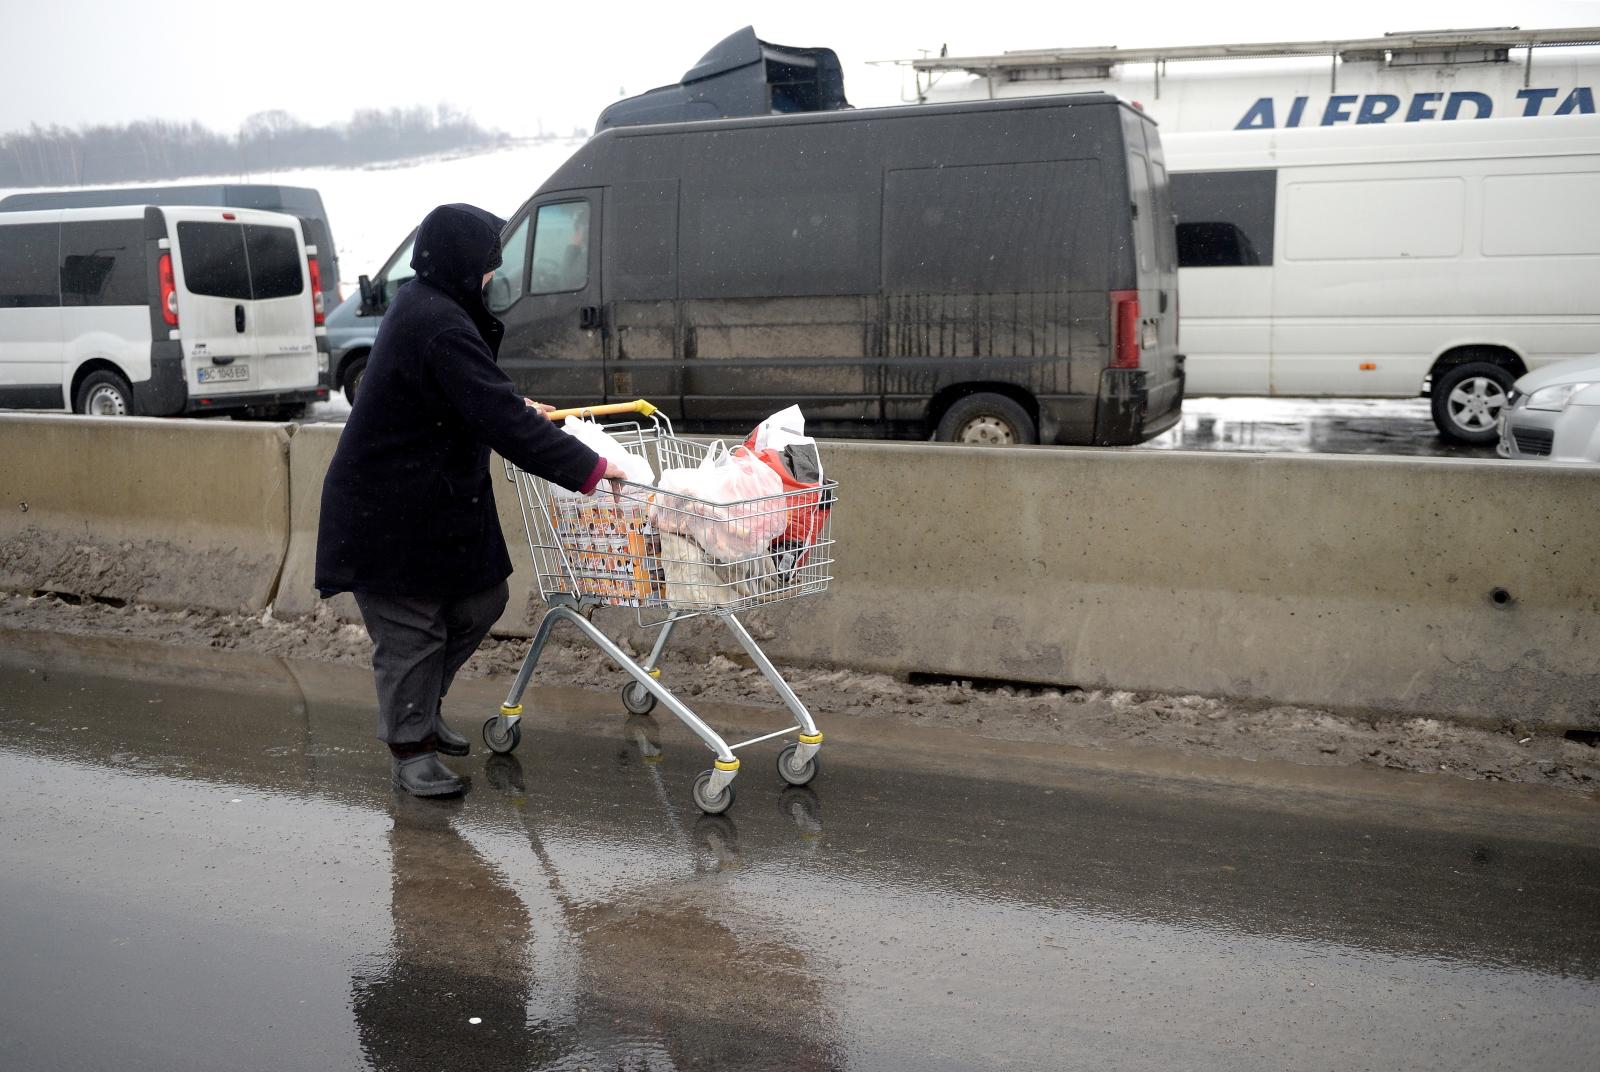 Polsko-ukraińska granica w Medyce, na której przed świętami ruch jest większy niż zwykle.